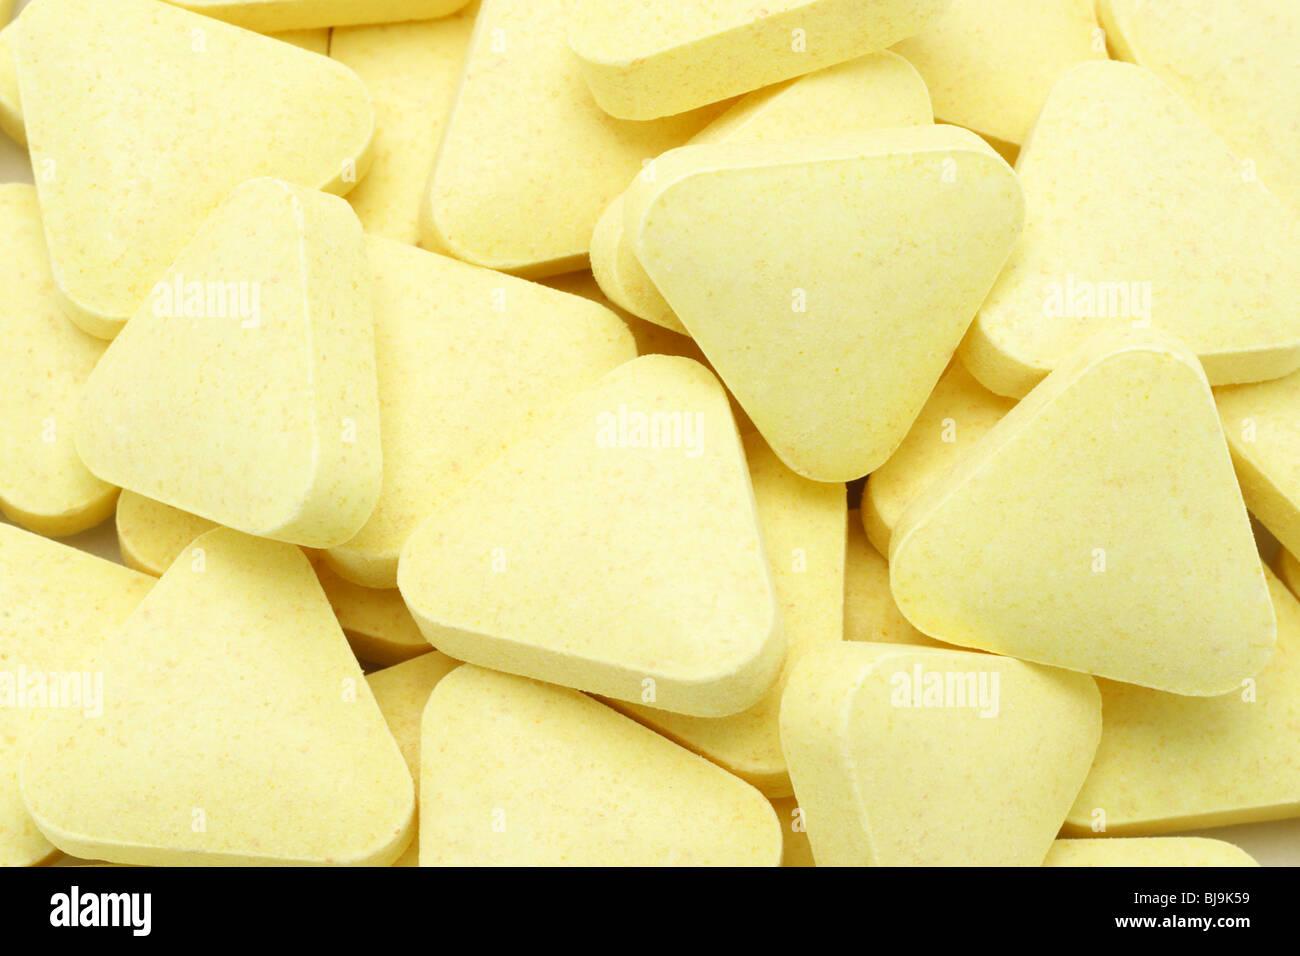 Gelbe Farbe Dreiecksform Multi Vitamin Tabletten Hintergrund Stockbild